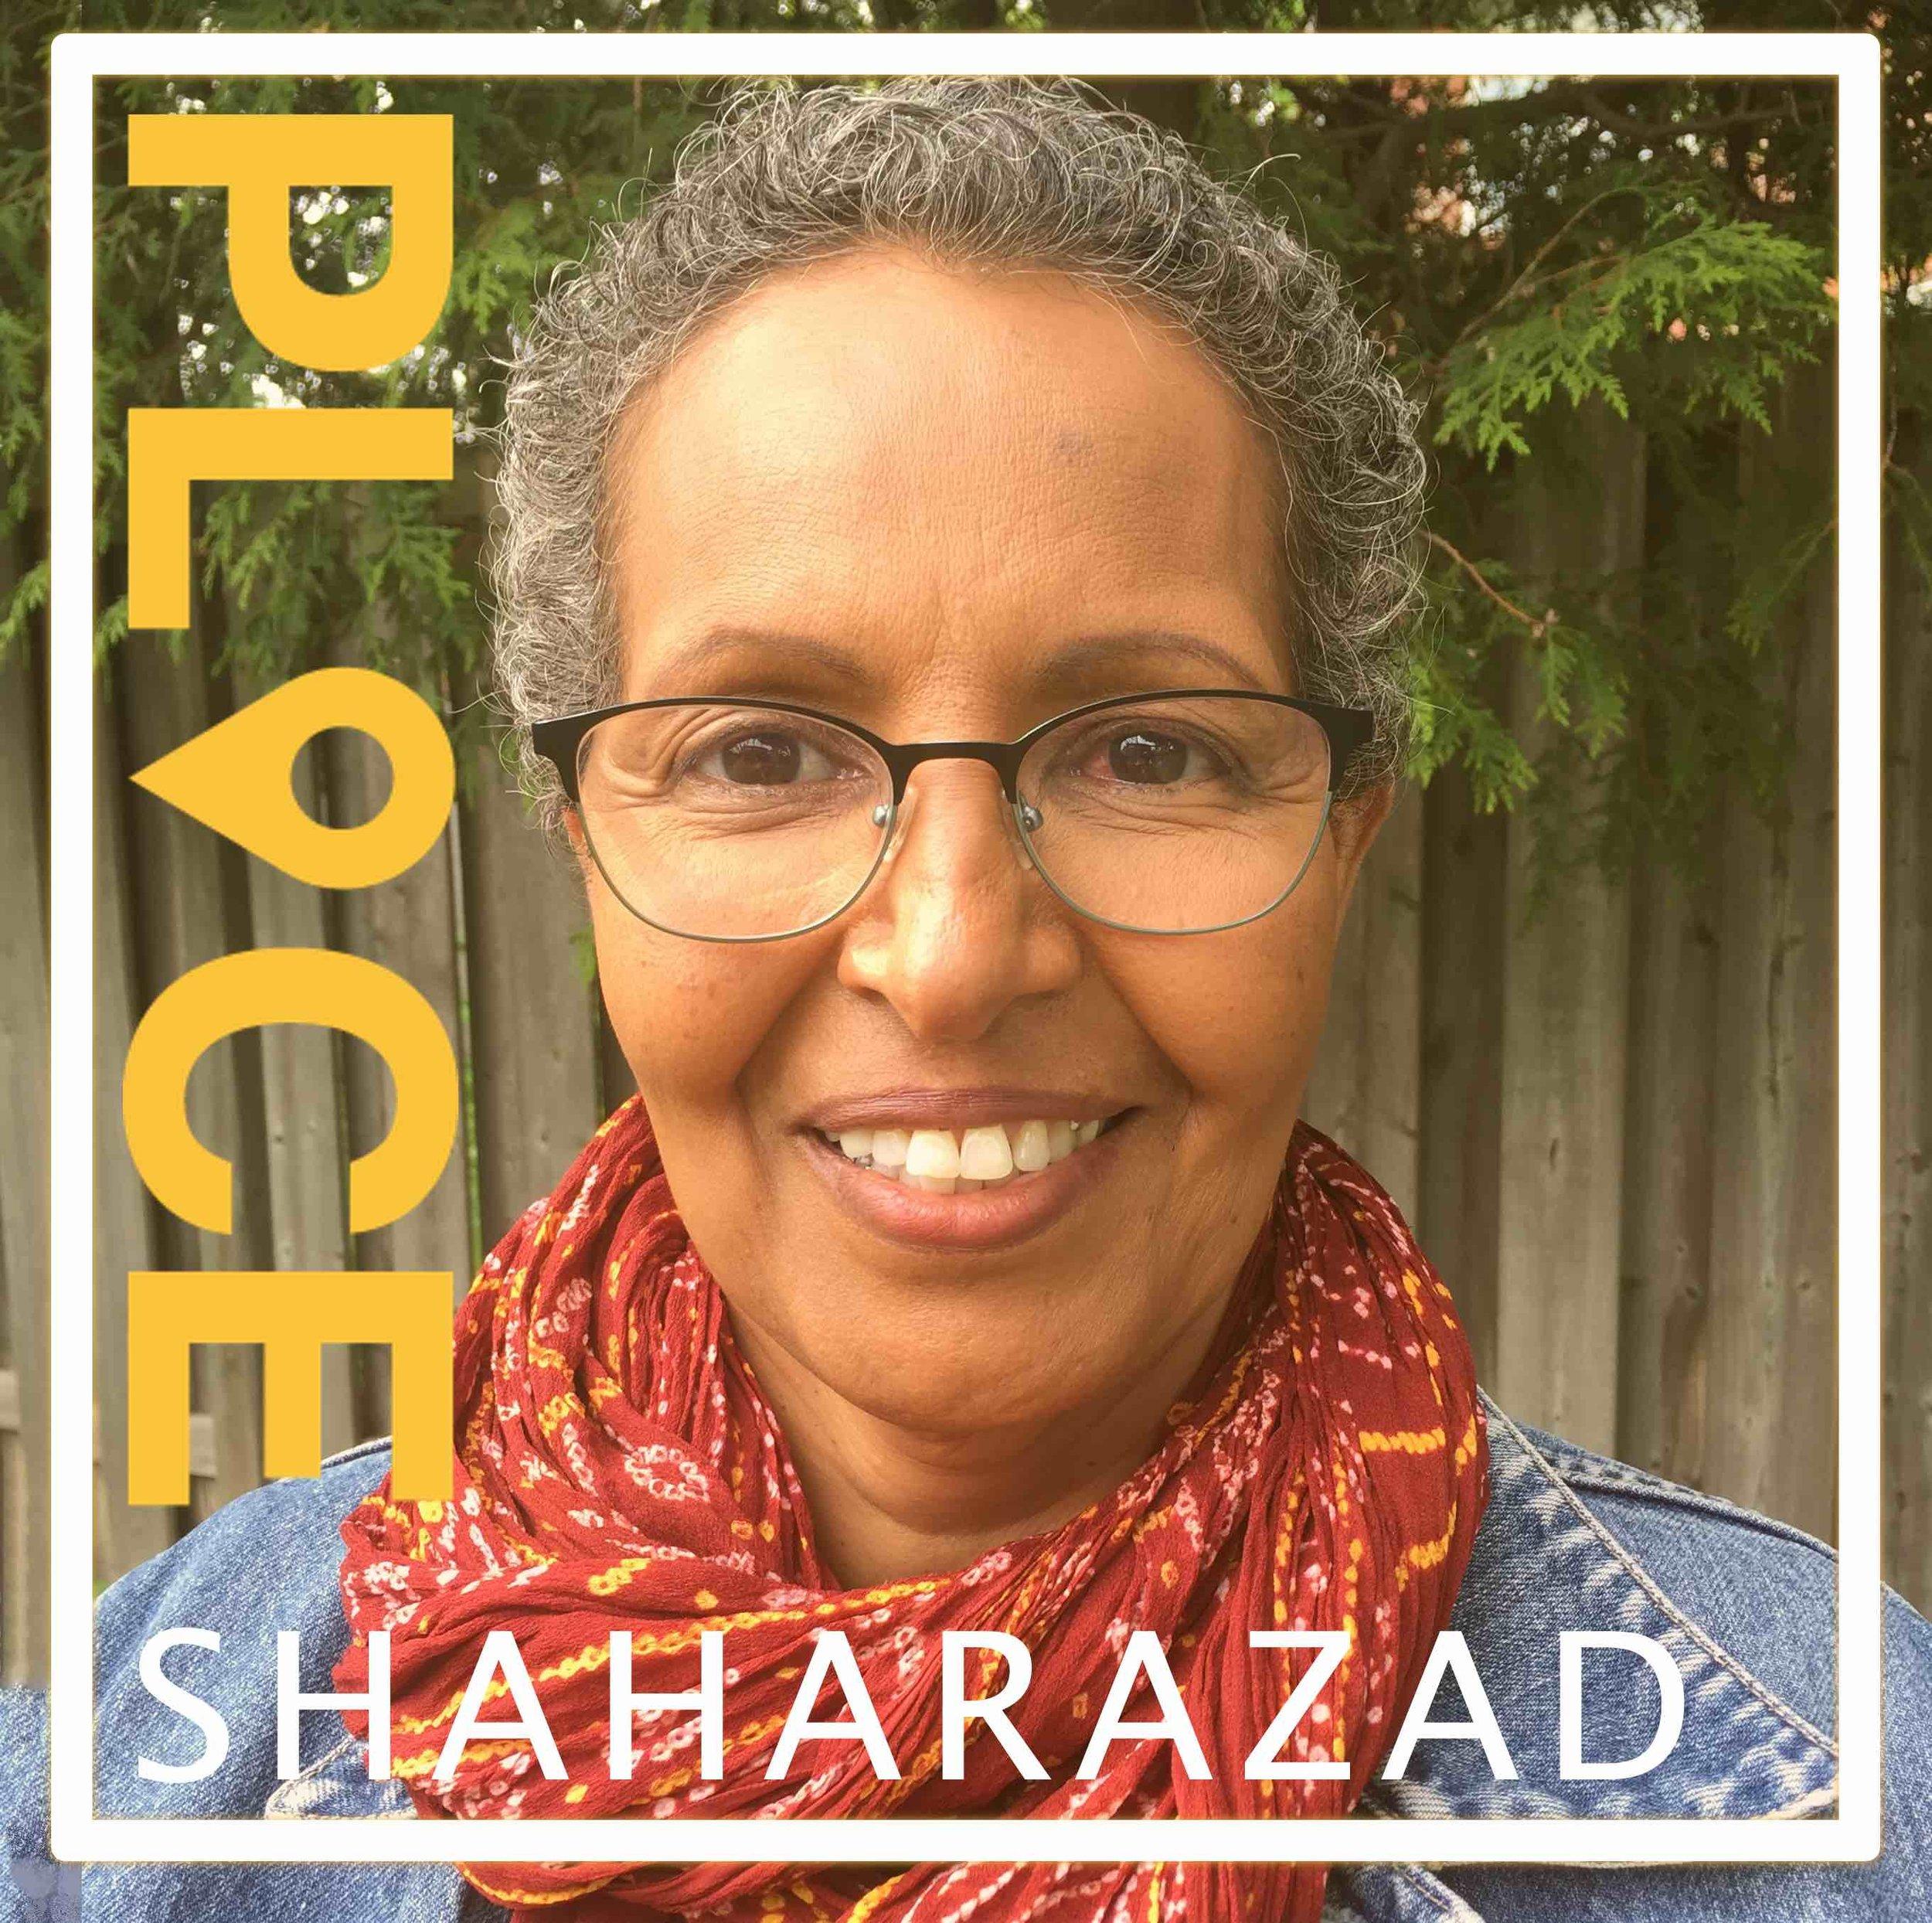 Shaharazad400kb.jpg